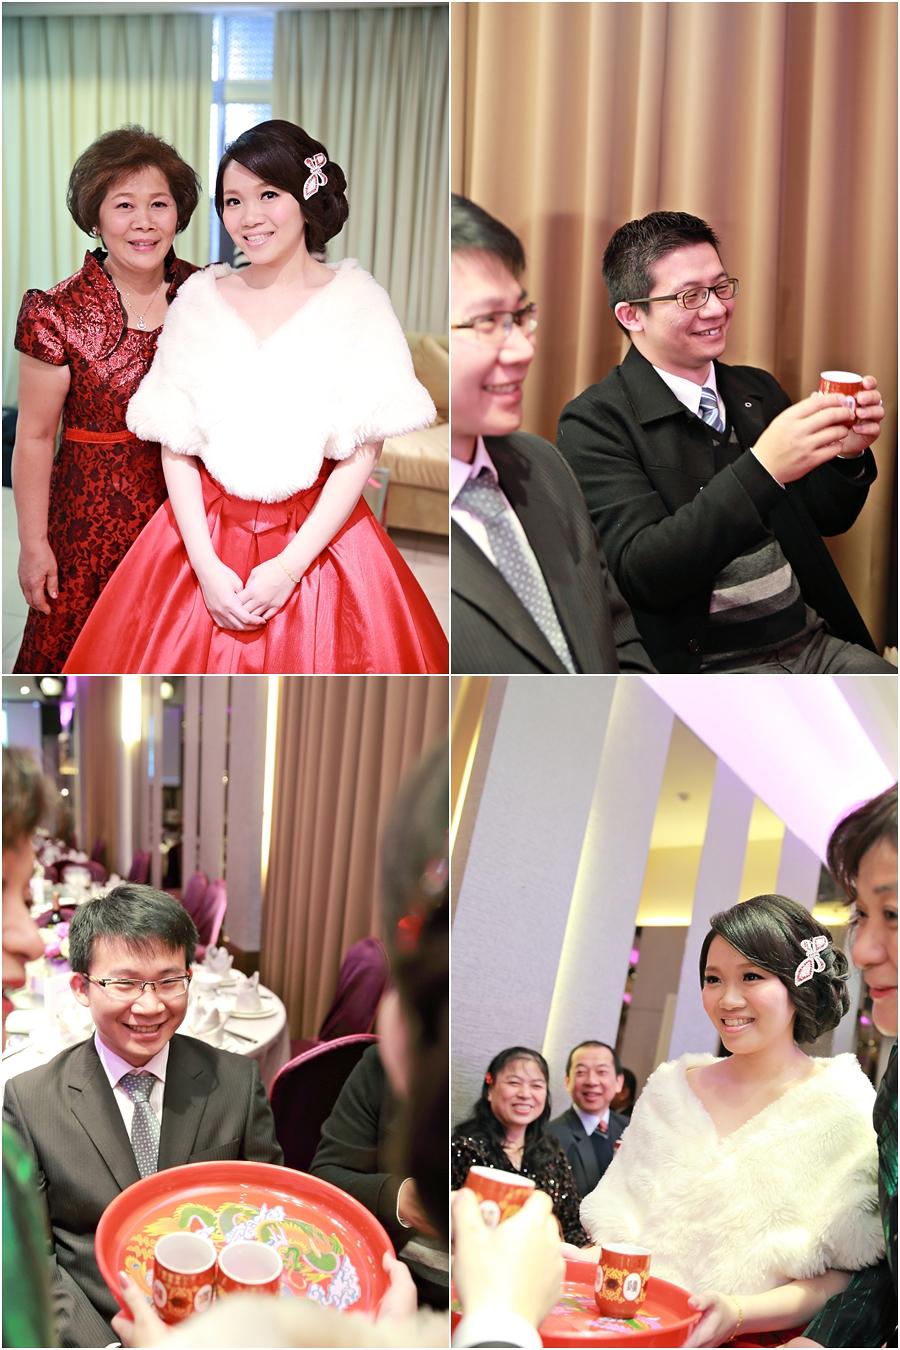 婚攝推薦,婚攝,婚禮記錄,搖滾雙魚,高雄老新台菜,婚禮攝影